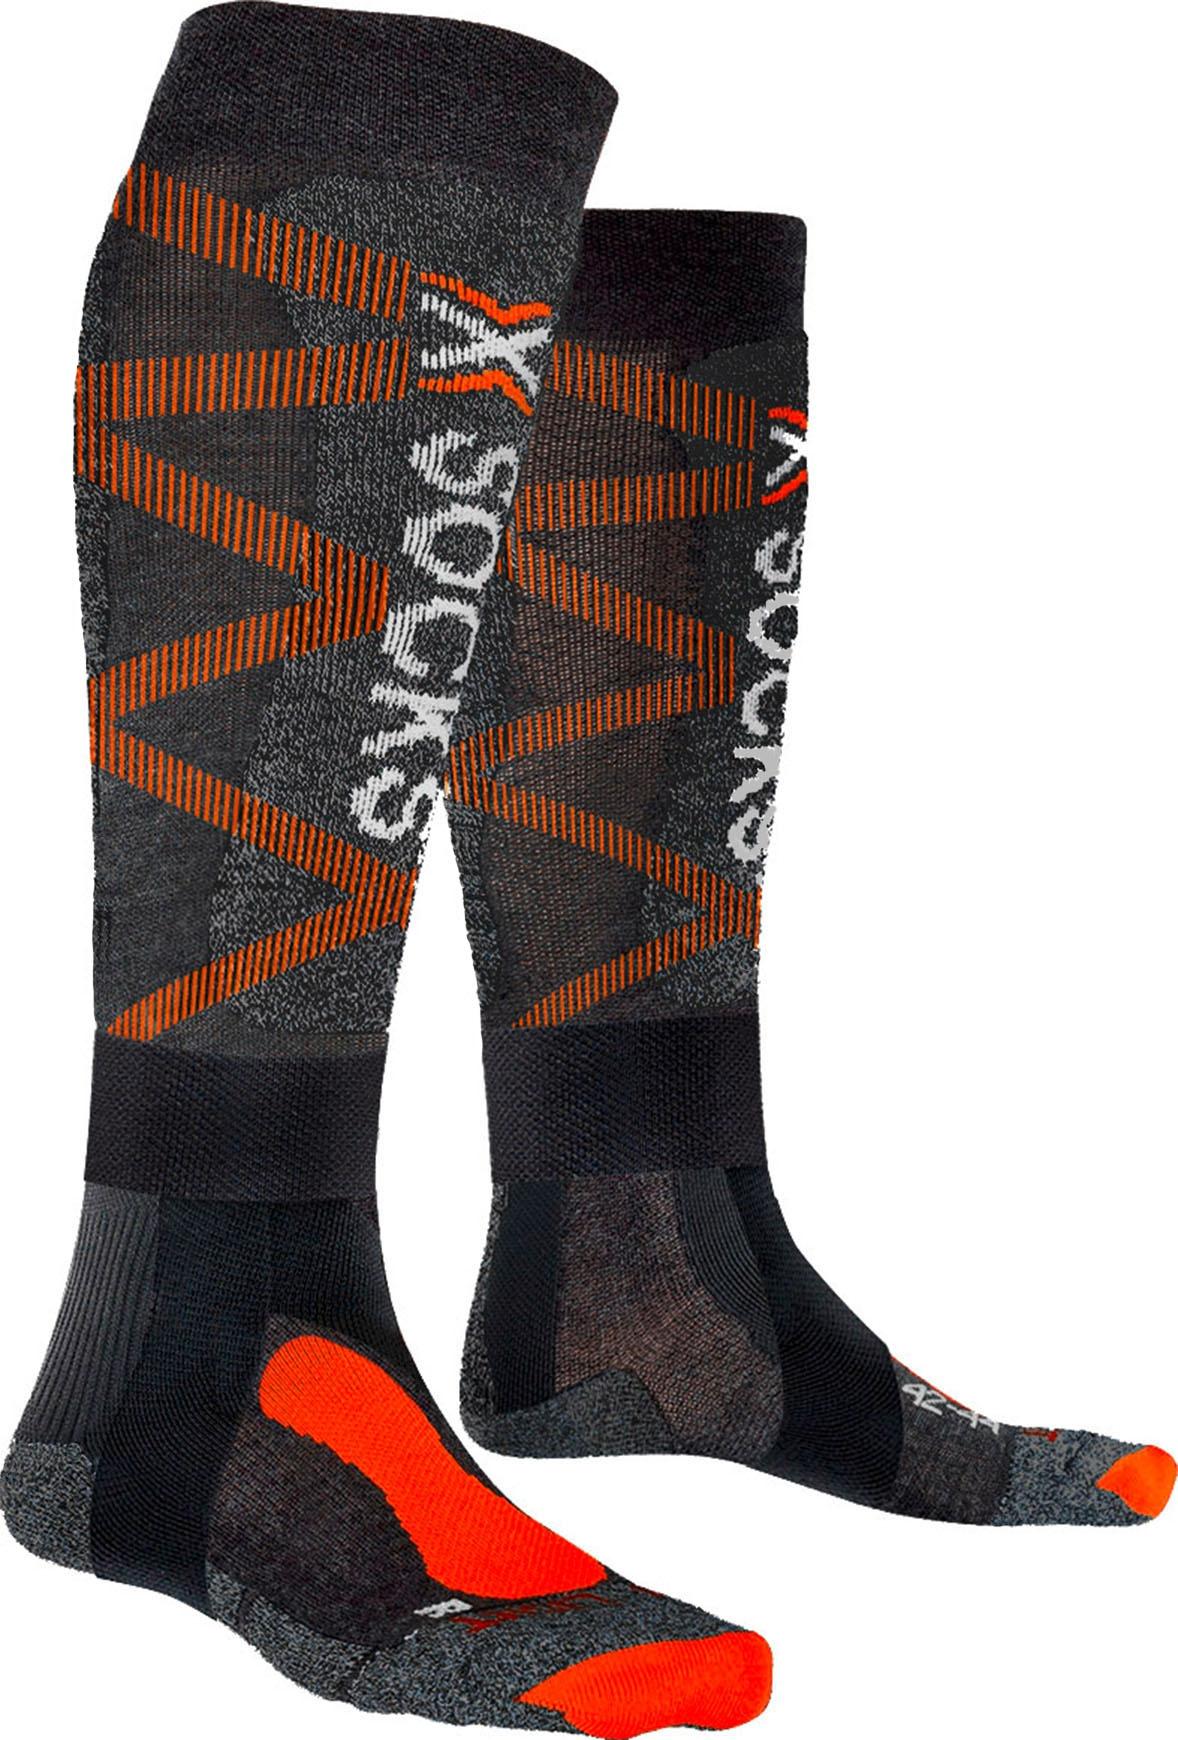 X-SOCKS Chaussettes Ski Patriot 4.0 Suisse Homme